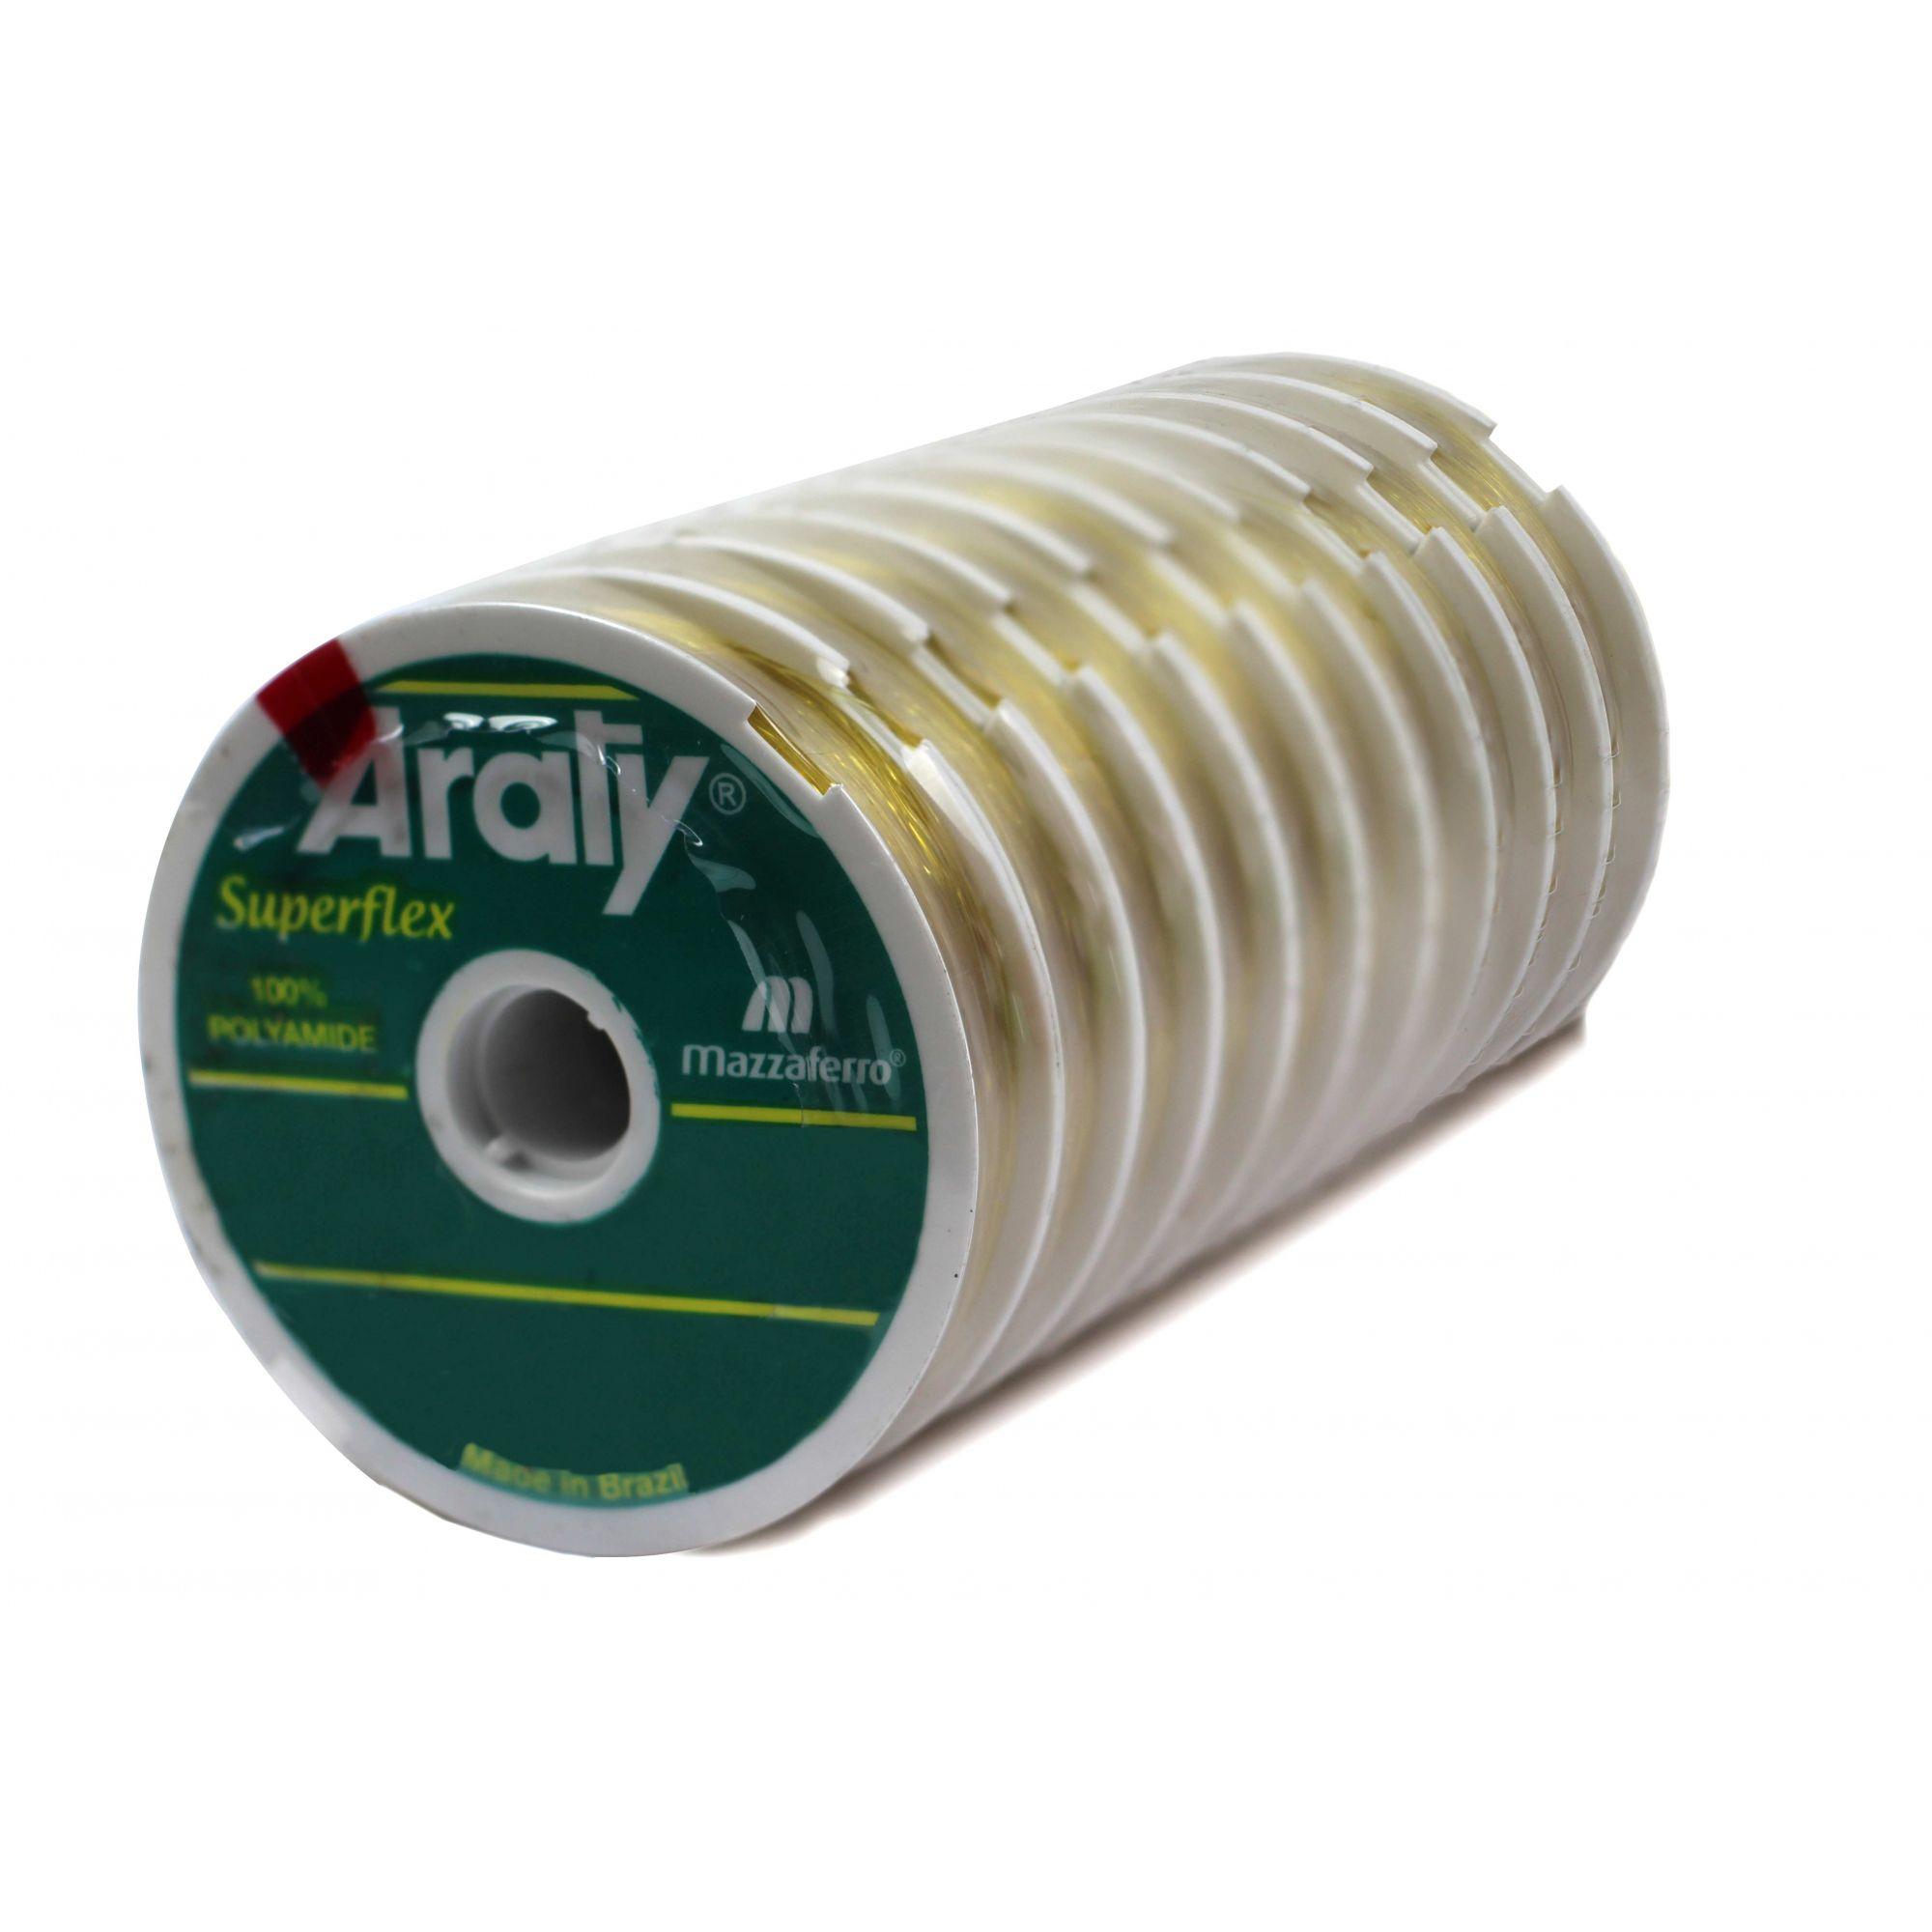 Kit 10 Linhas Monofilamento Araty UV Superflex 0,45mm 11,6kg - (10x 100 Metros)